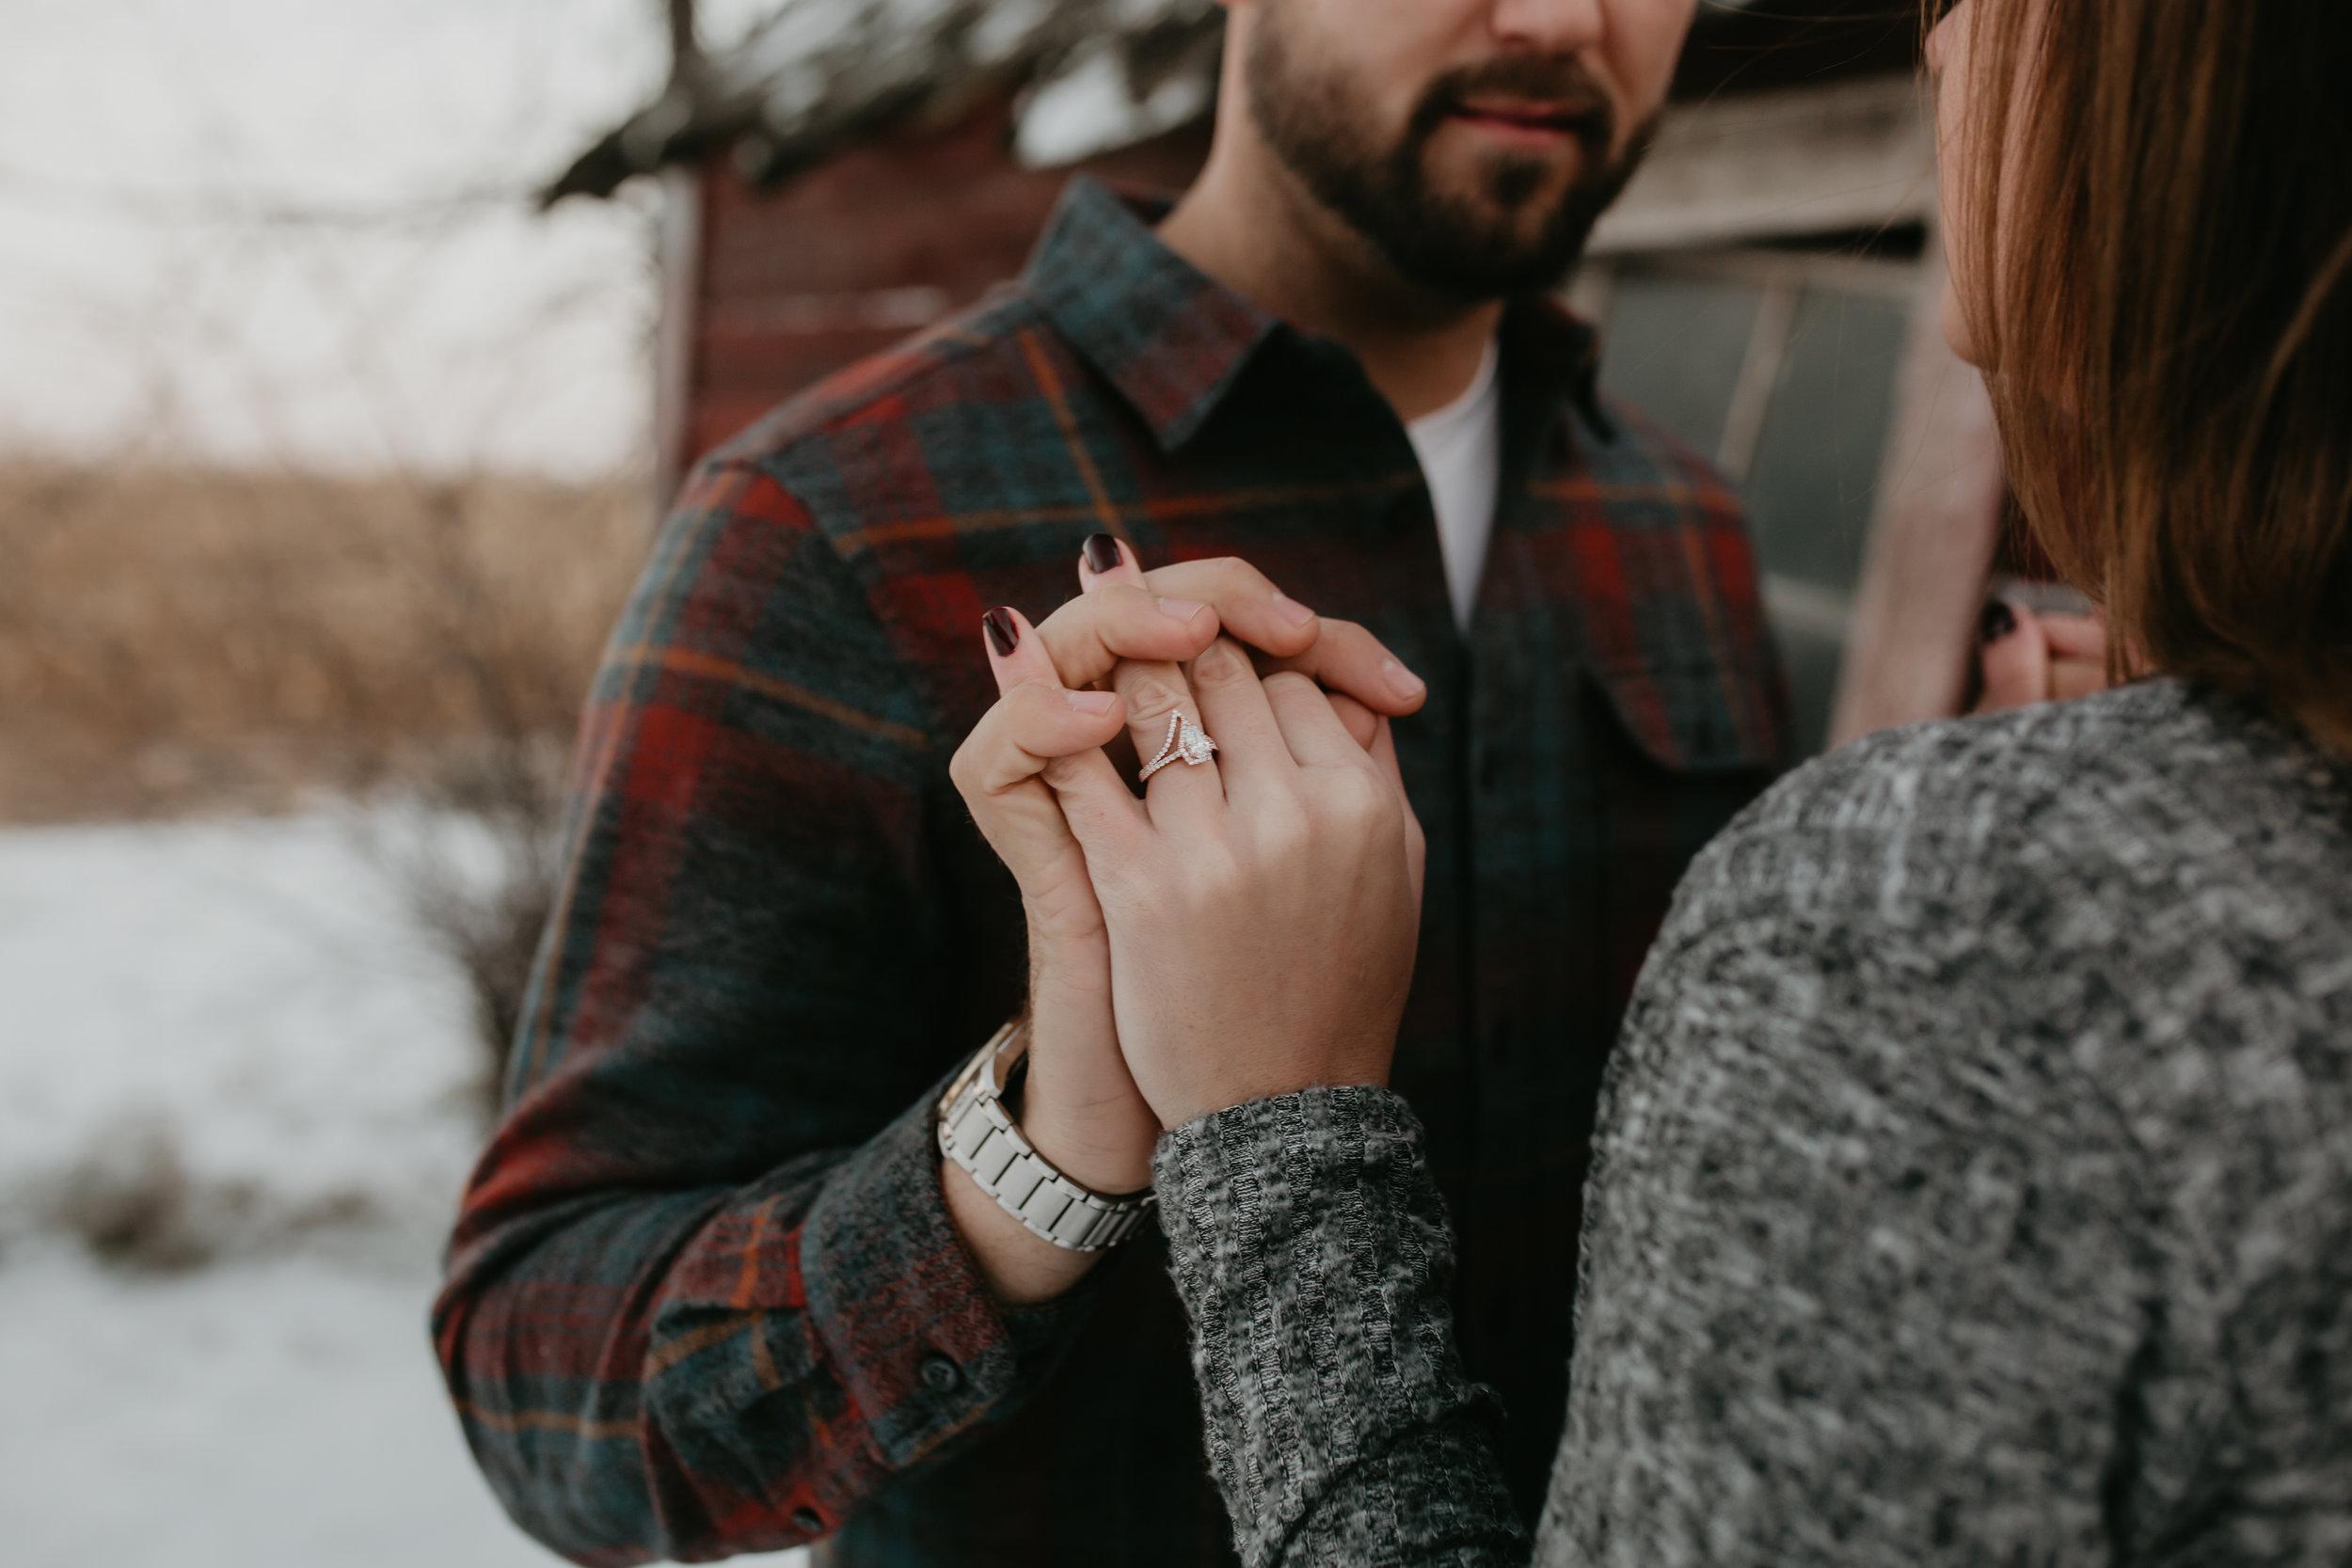 MacKenzieBrandon_Engagement-27.jpg